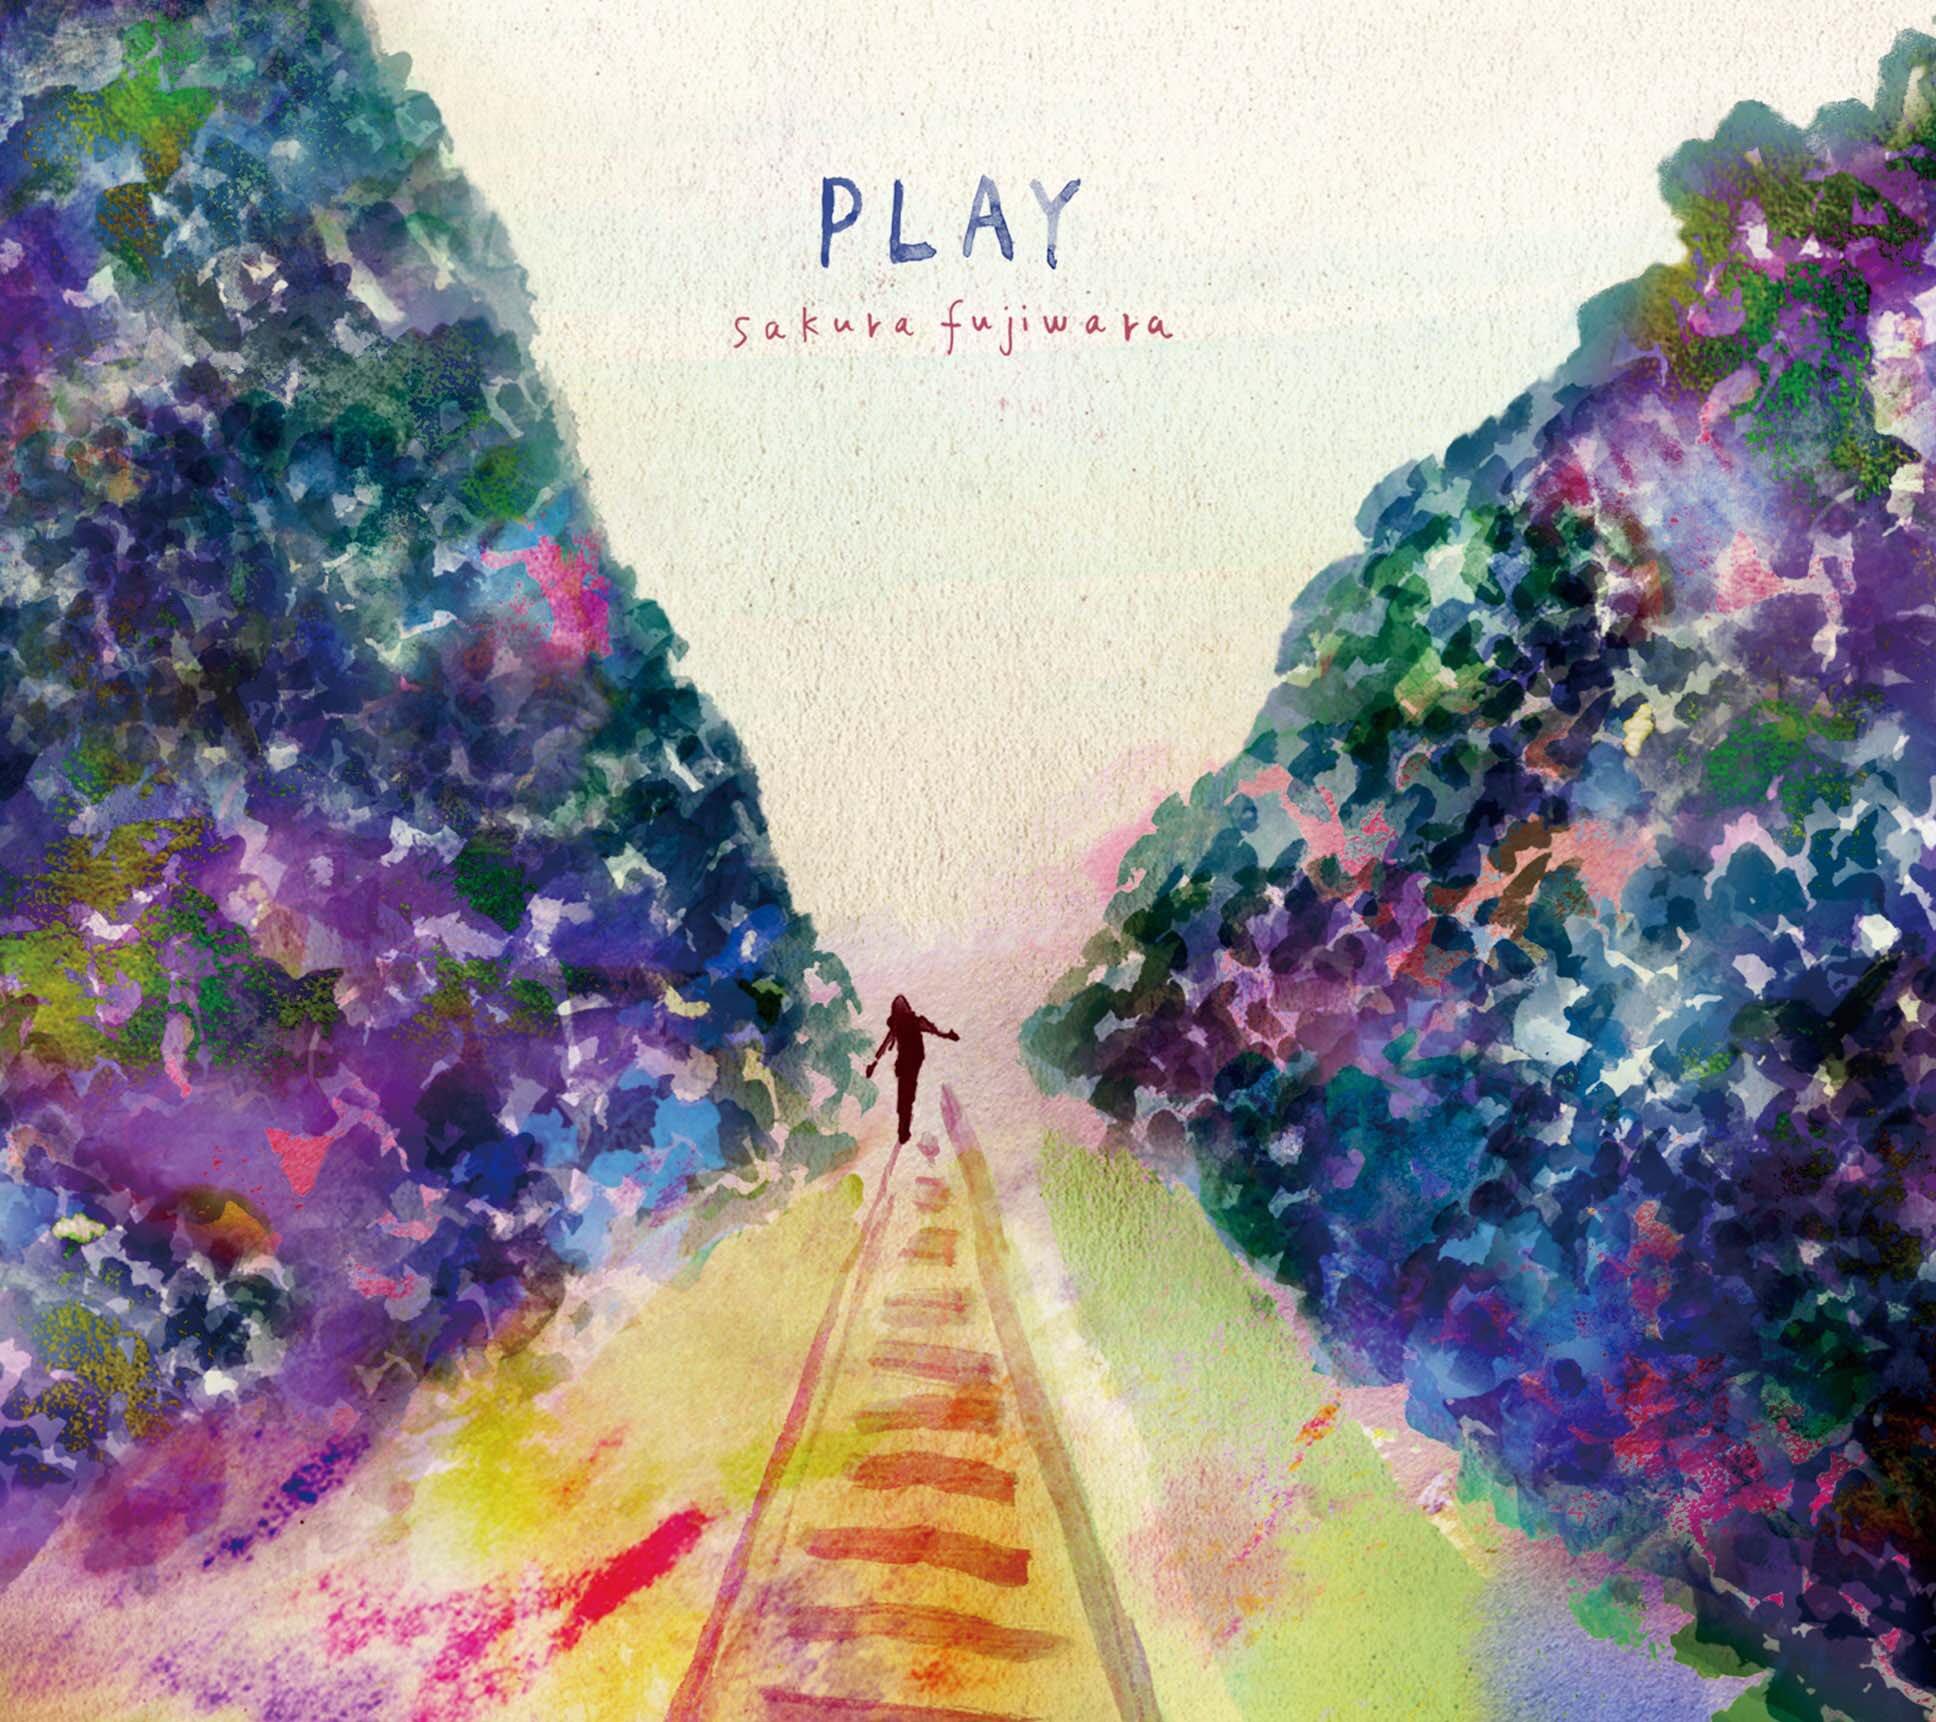 Sakura Fujiwara – PLAY